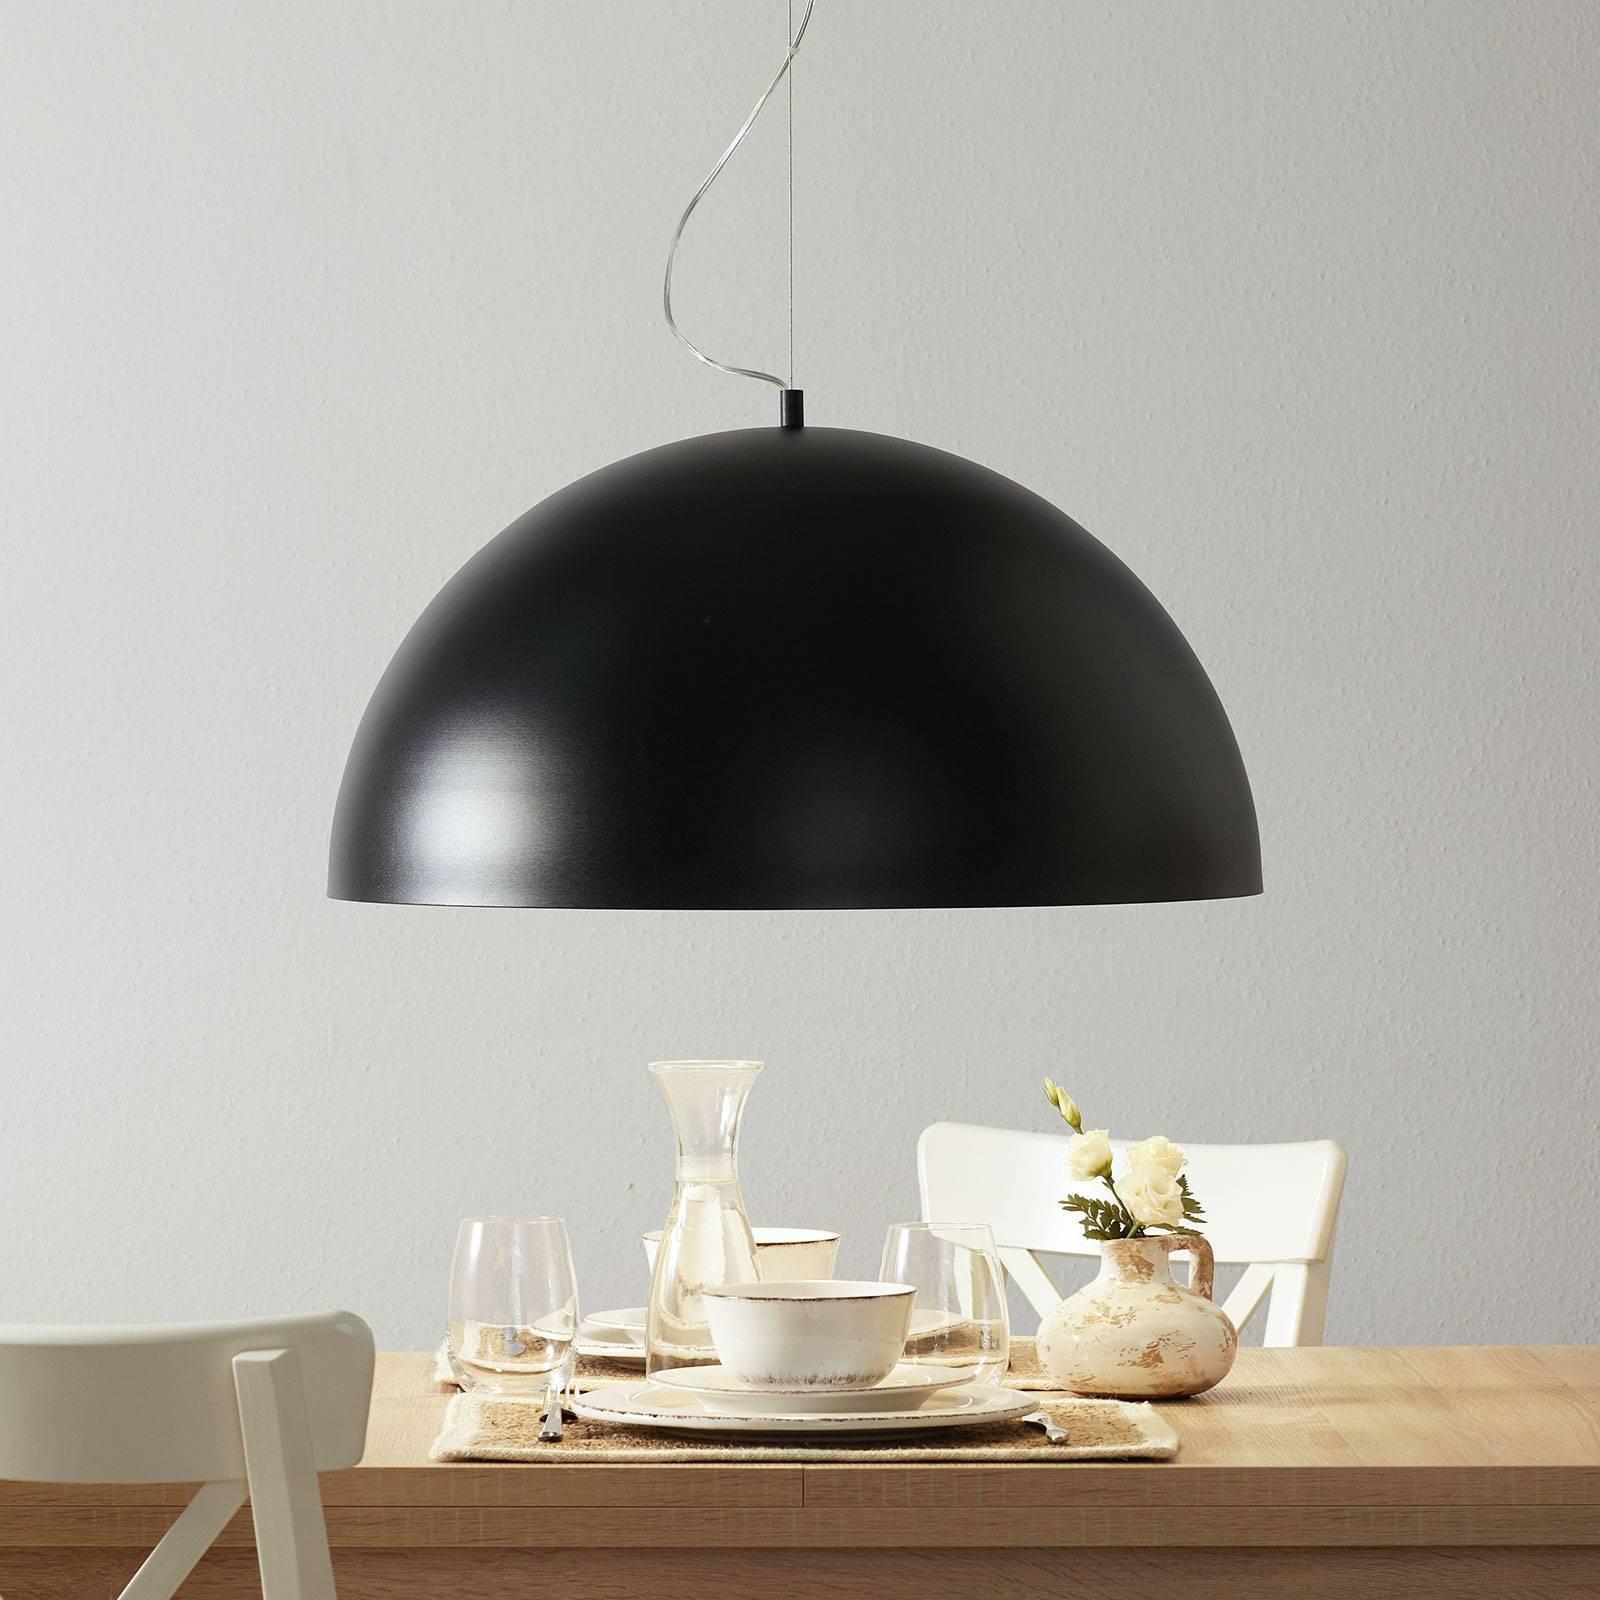 Lucande Maleo hanglamp 65cm zwart